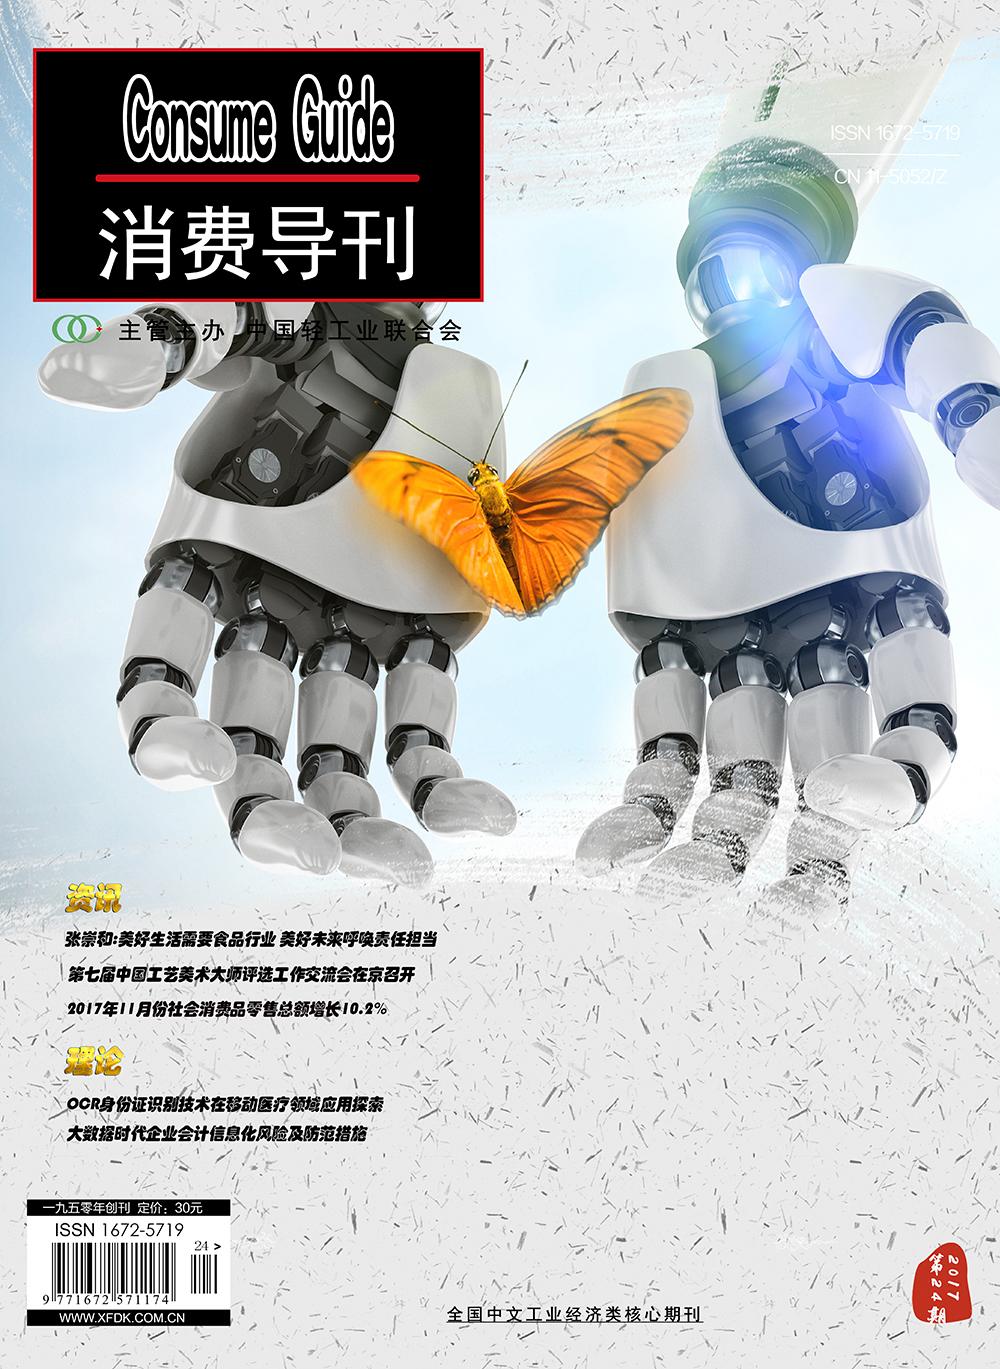 消费导刊2017年第24期